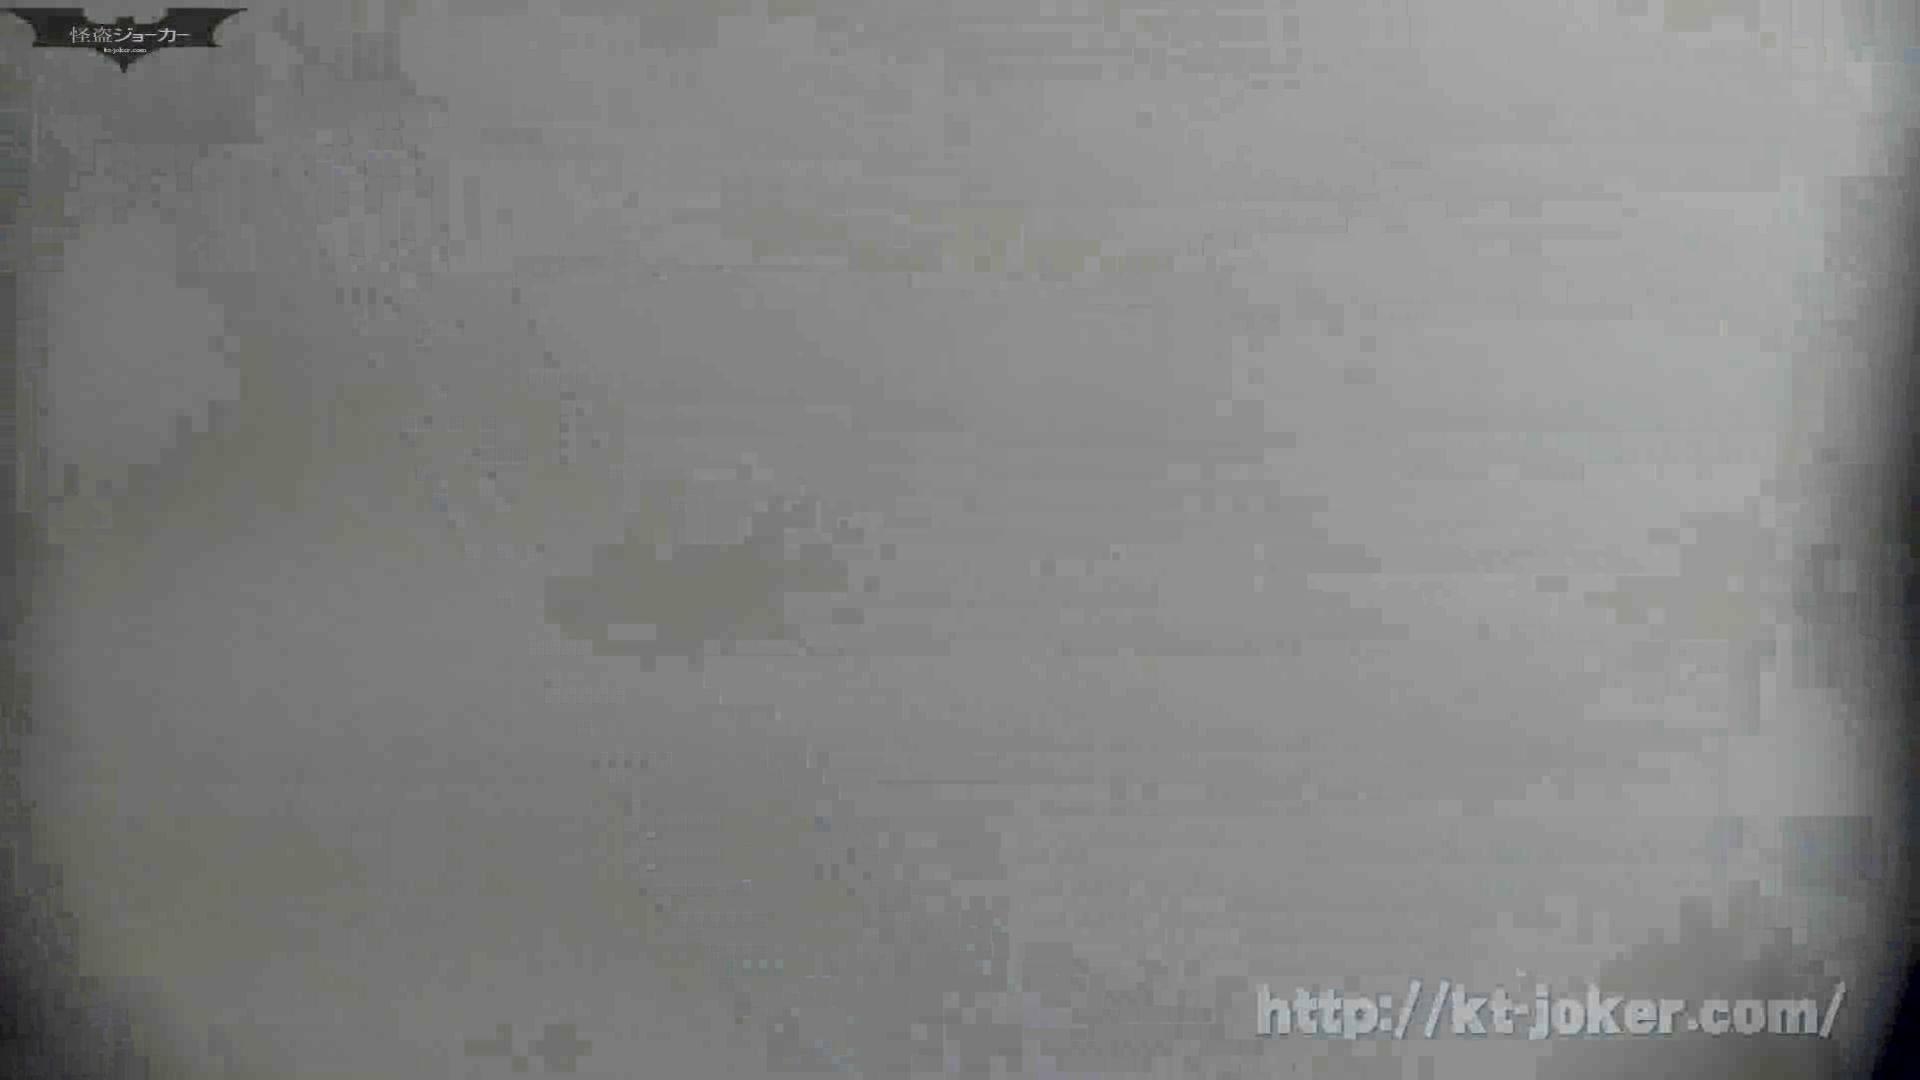 命がけ潜伏洗面所! vol.58 さらなる無謀な挑戦、新アングル、壁に穴を開ける プライベート 盗み撮り動画キャプチャ 110画像 38